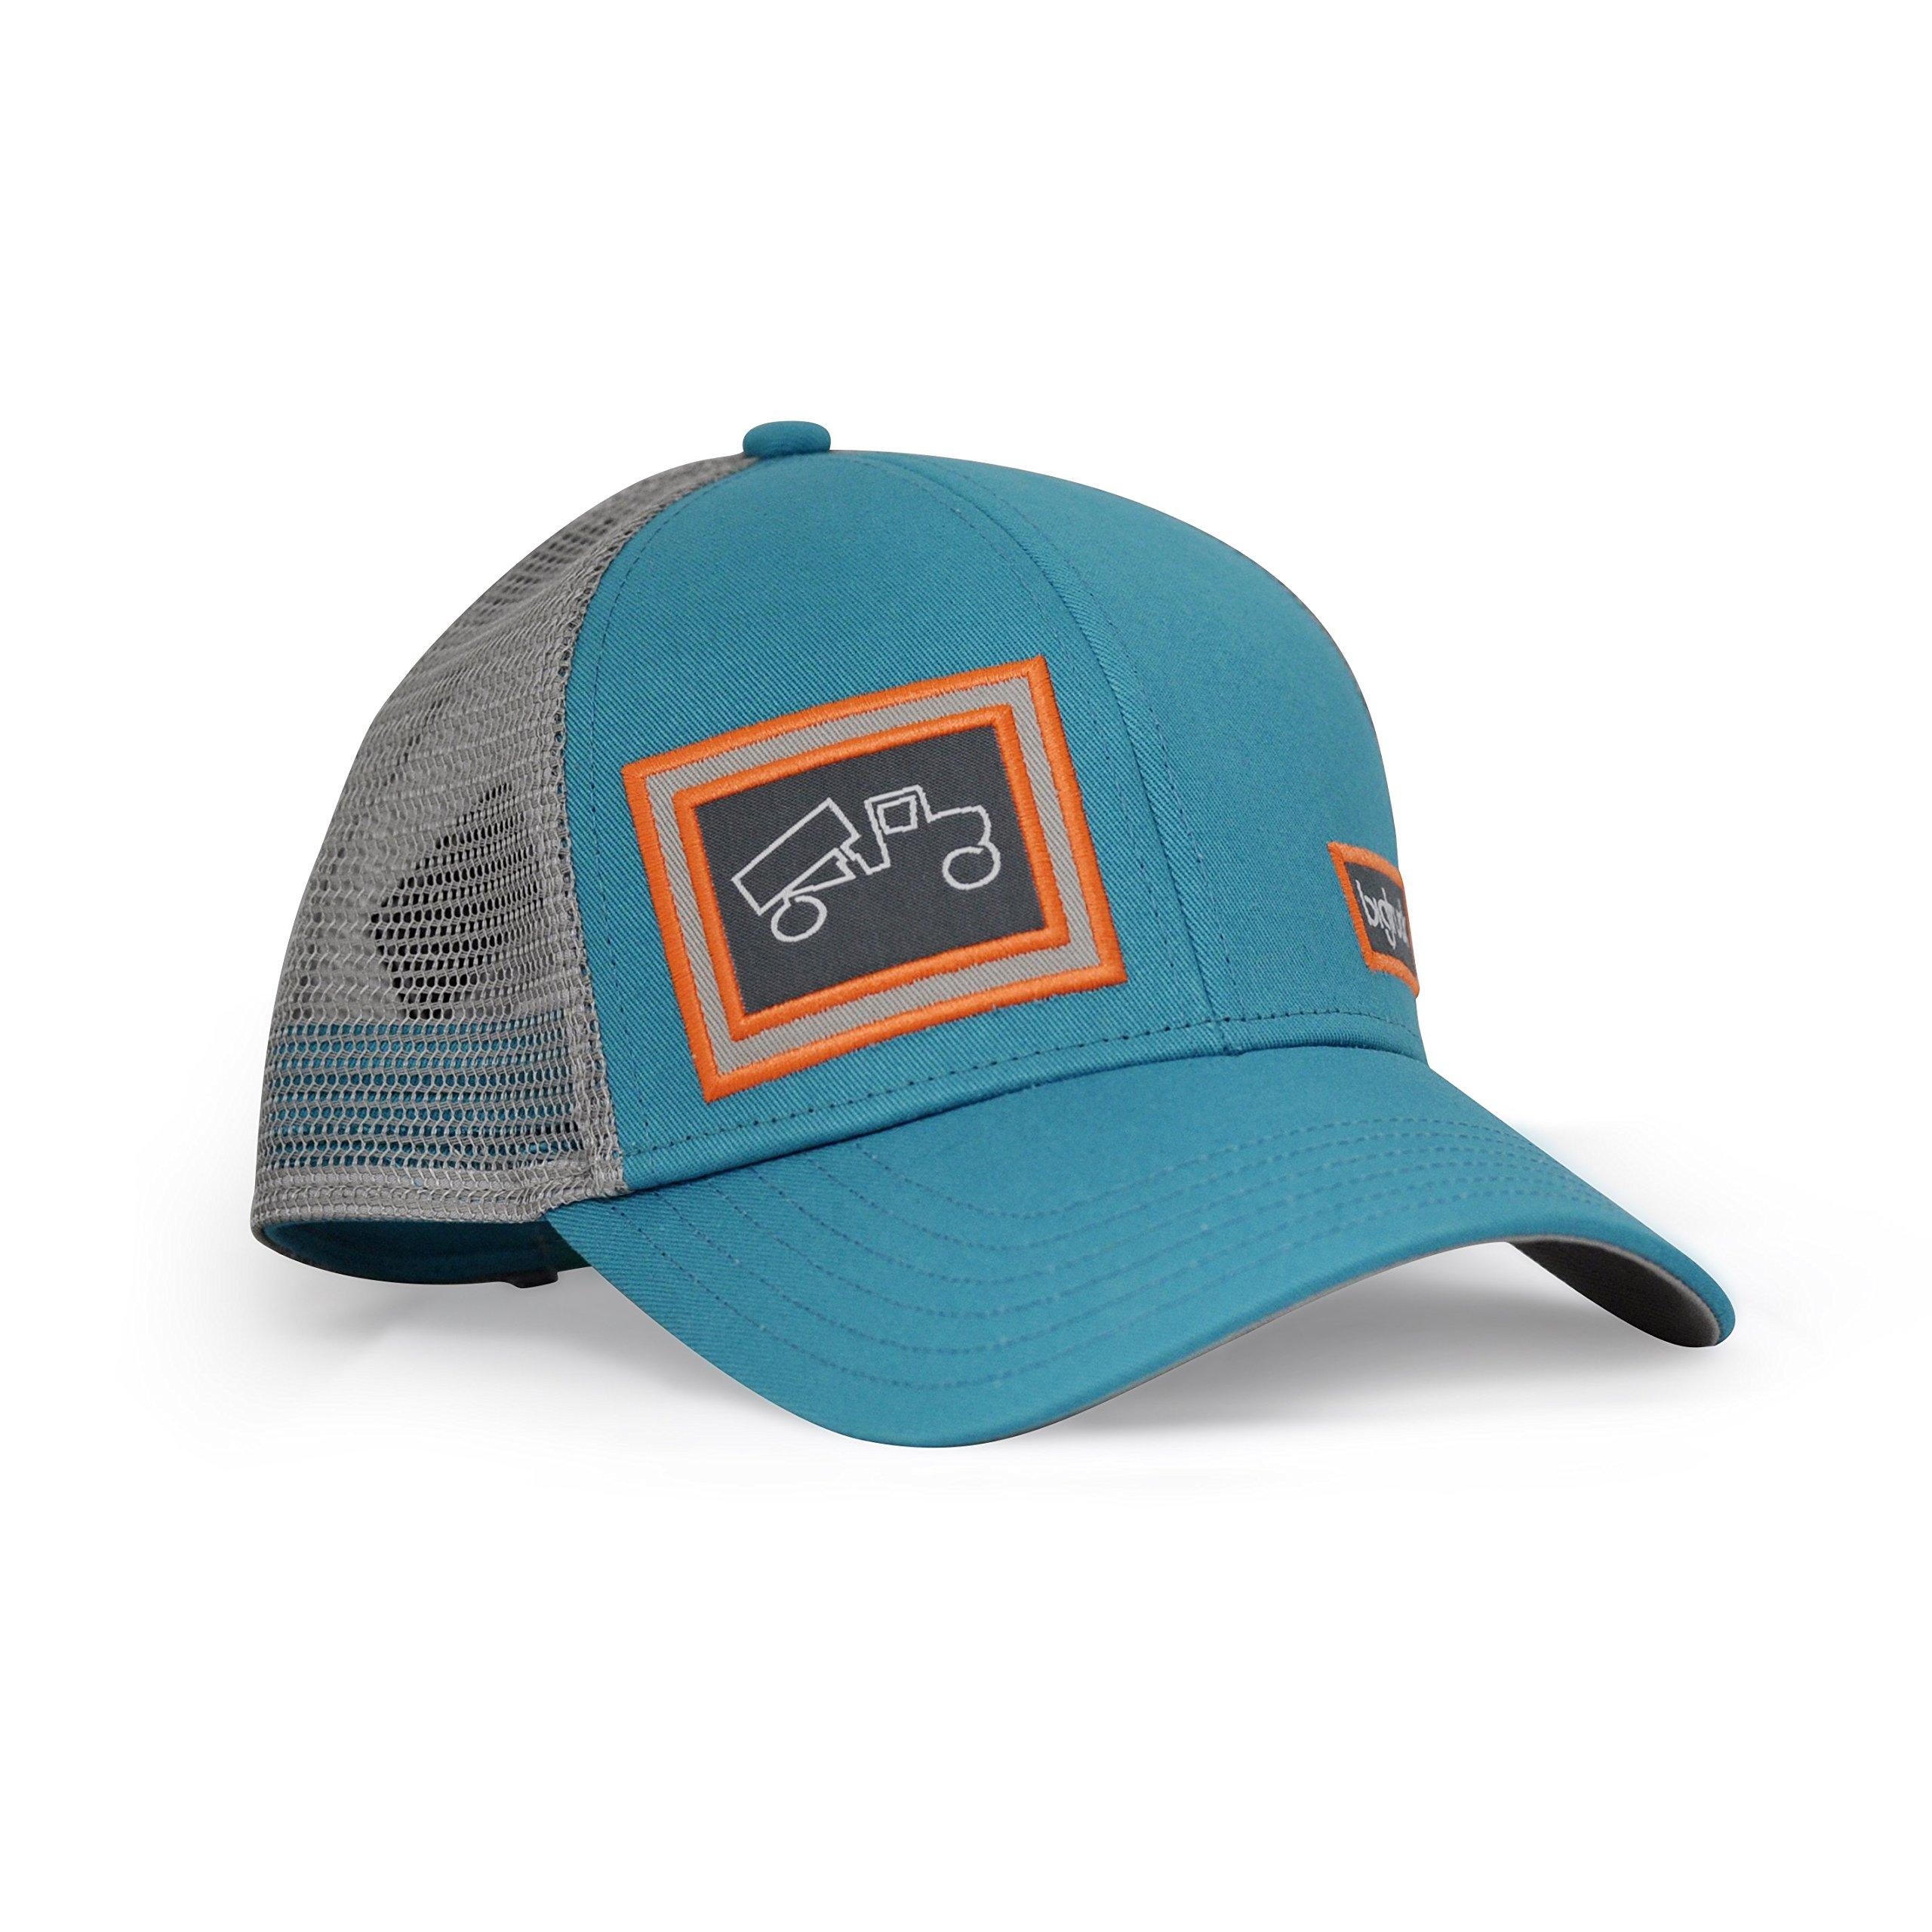 bigtruck Classic Trucker Hat, Jade Grey, Adult